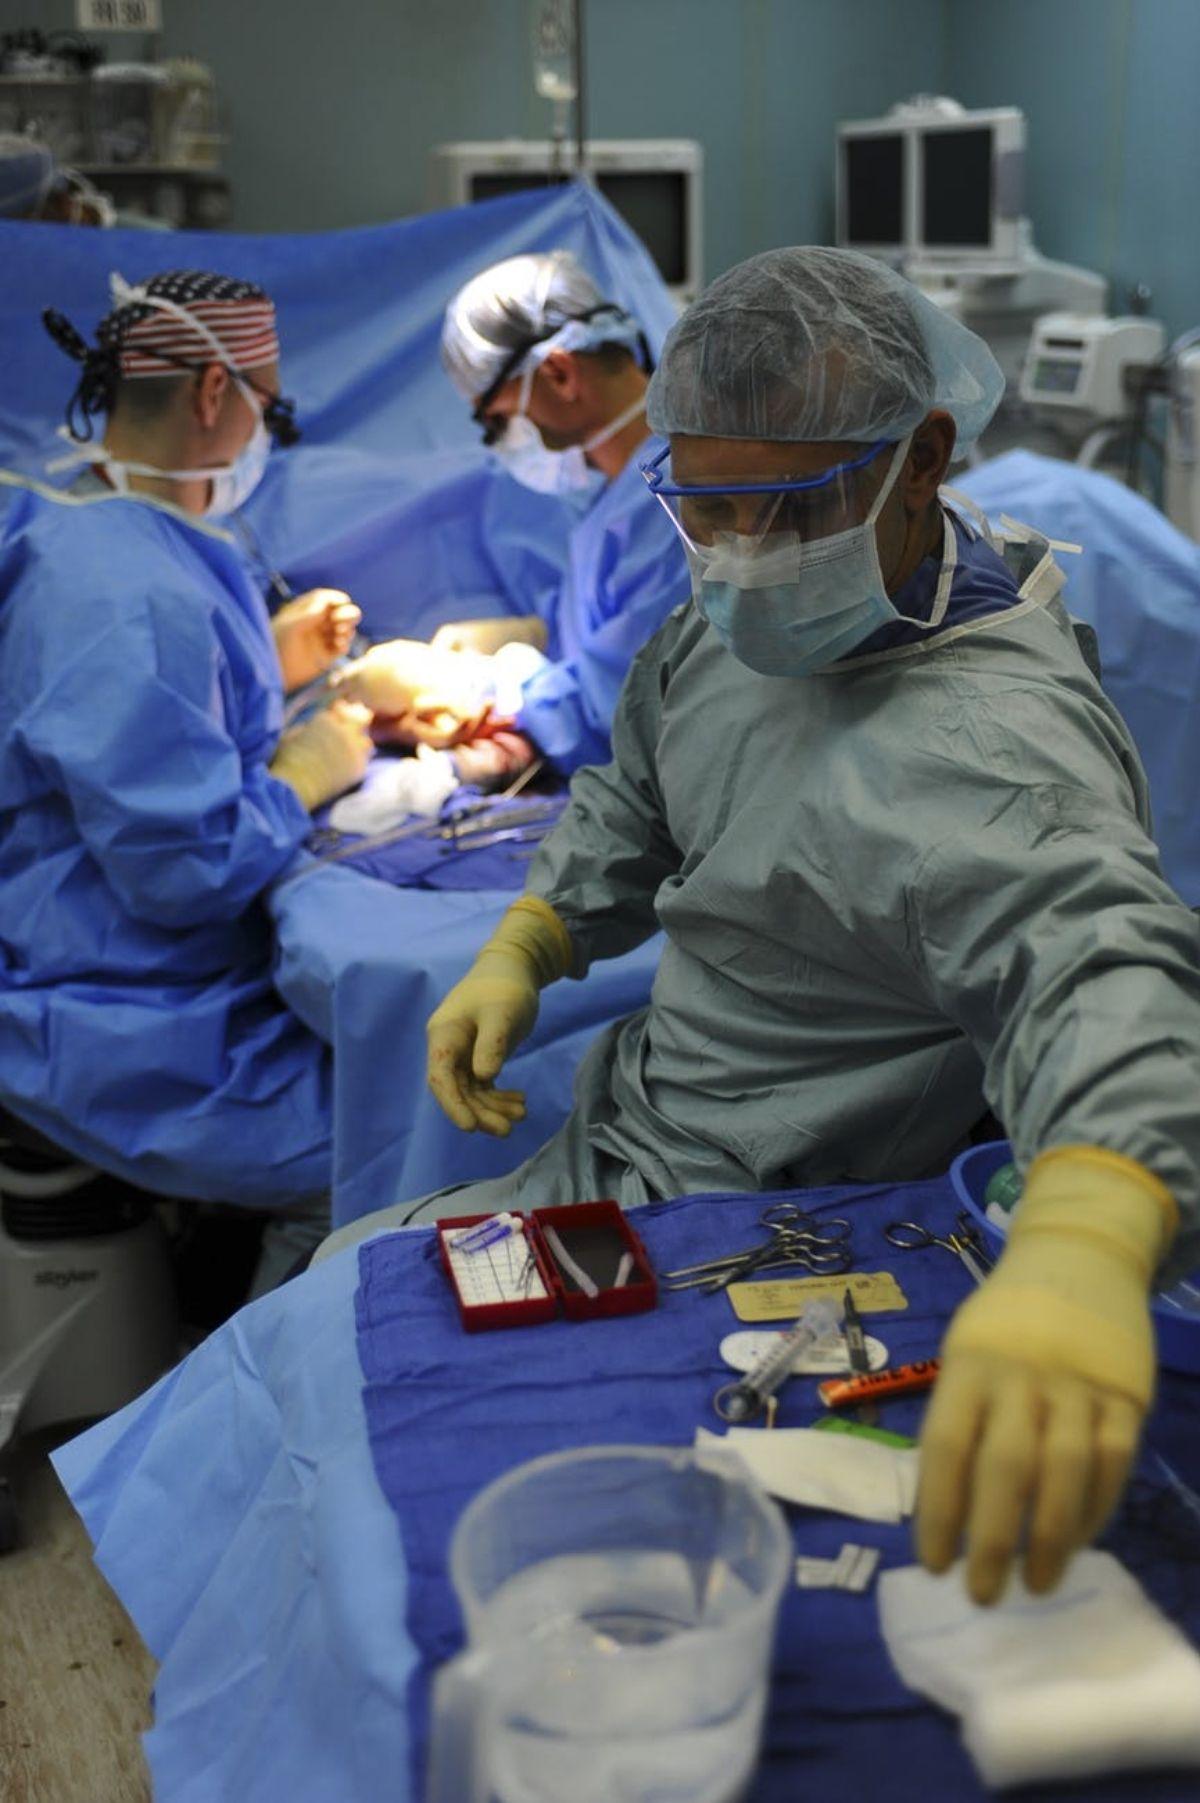 cuanto dura la recuperacion de una operacion de prostata